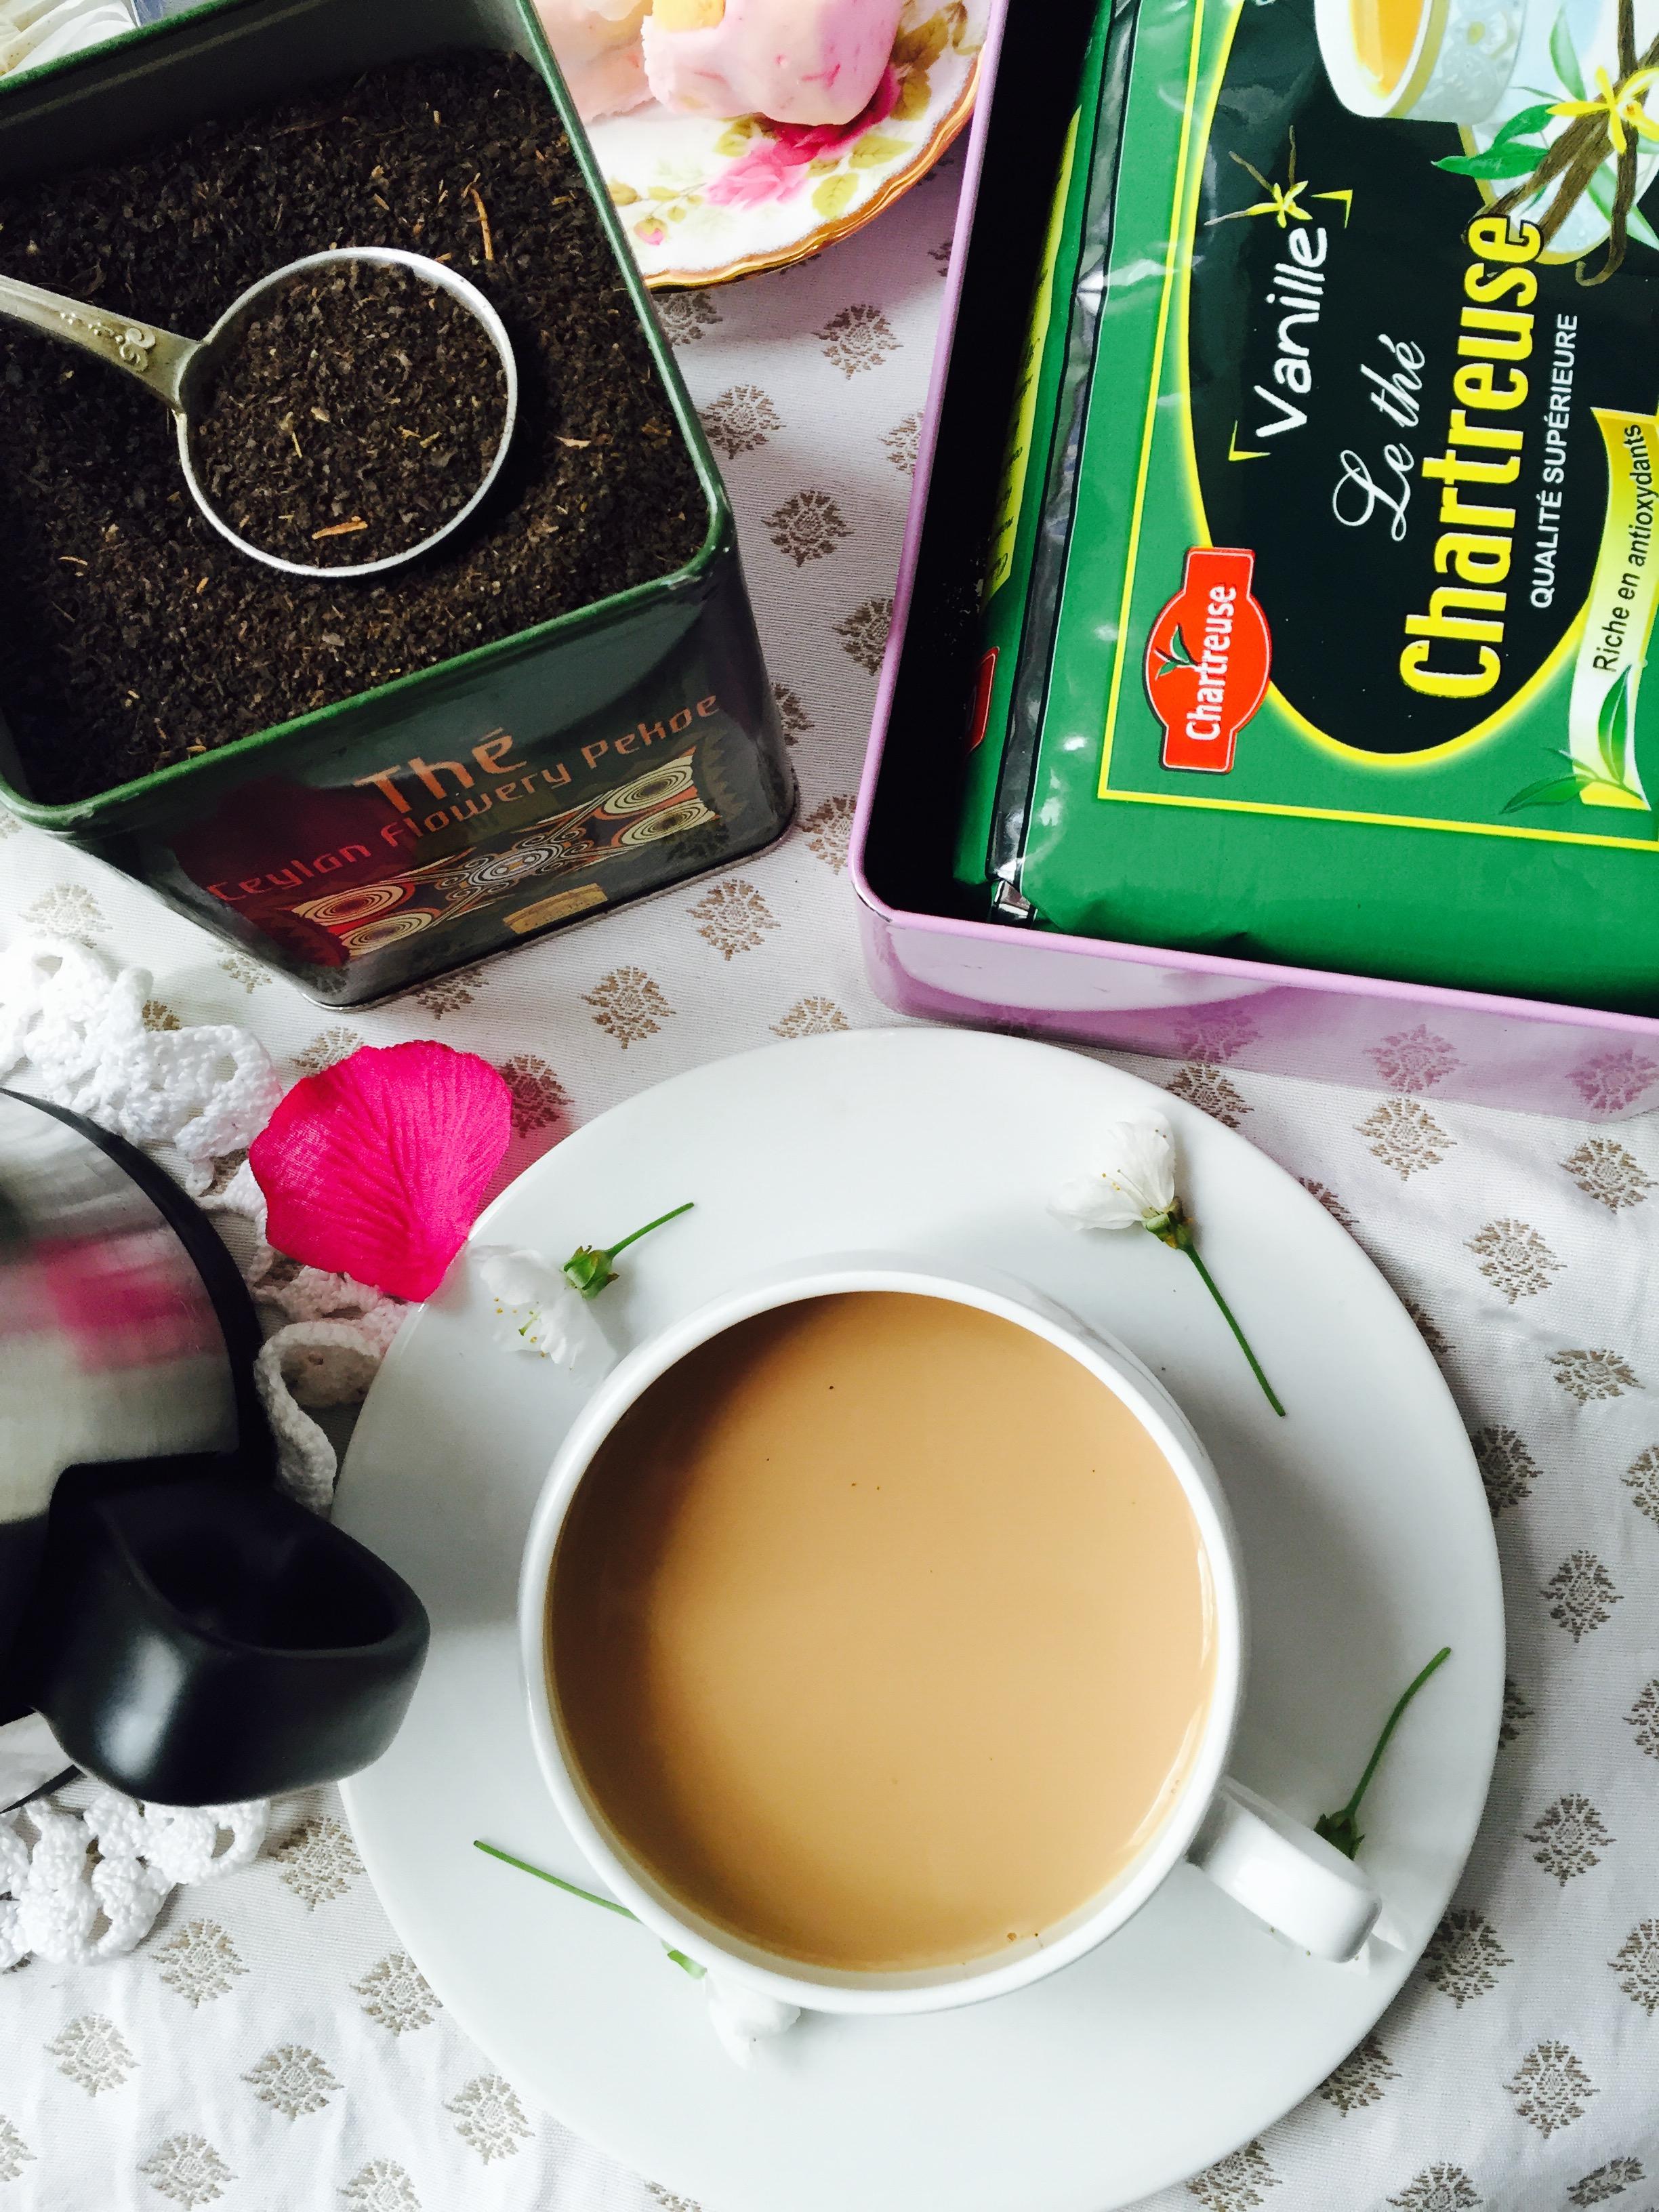 Thé noir à la vanille avec du lait